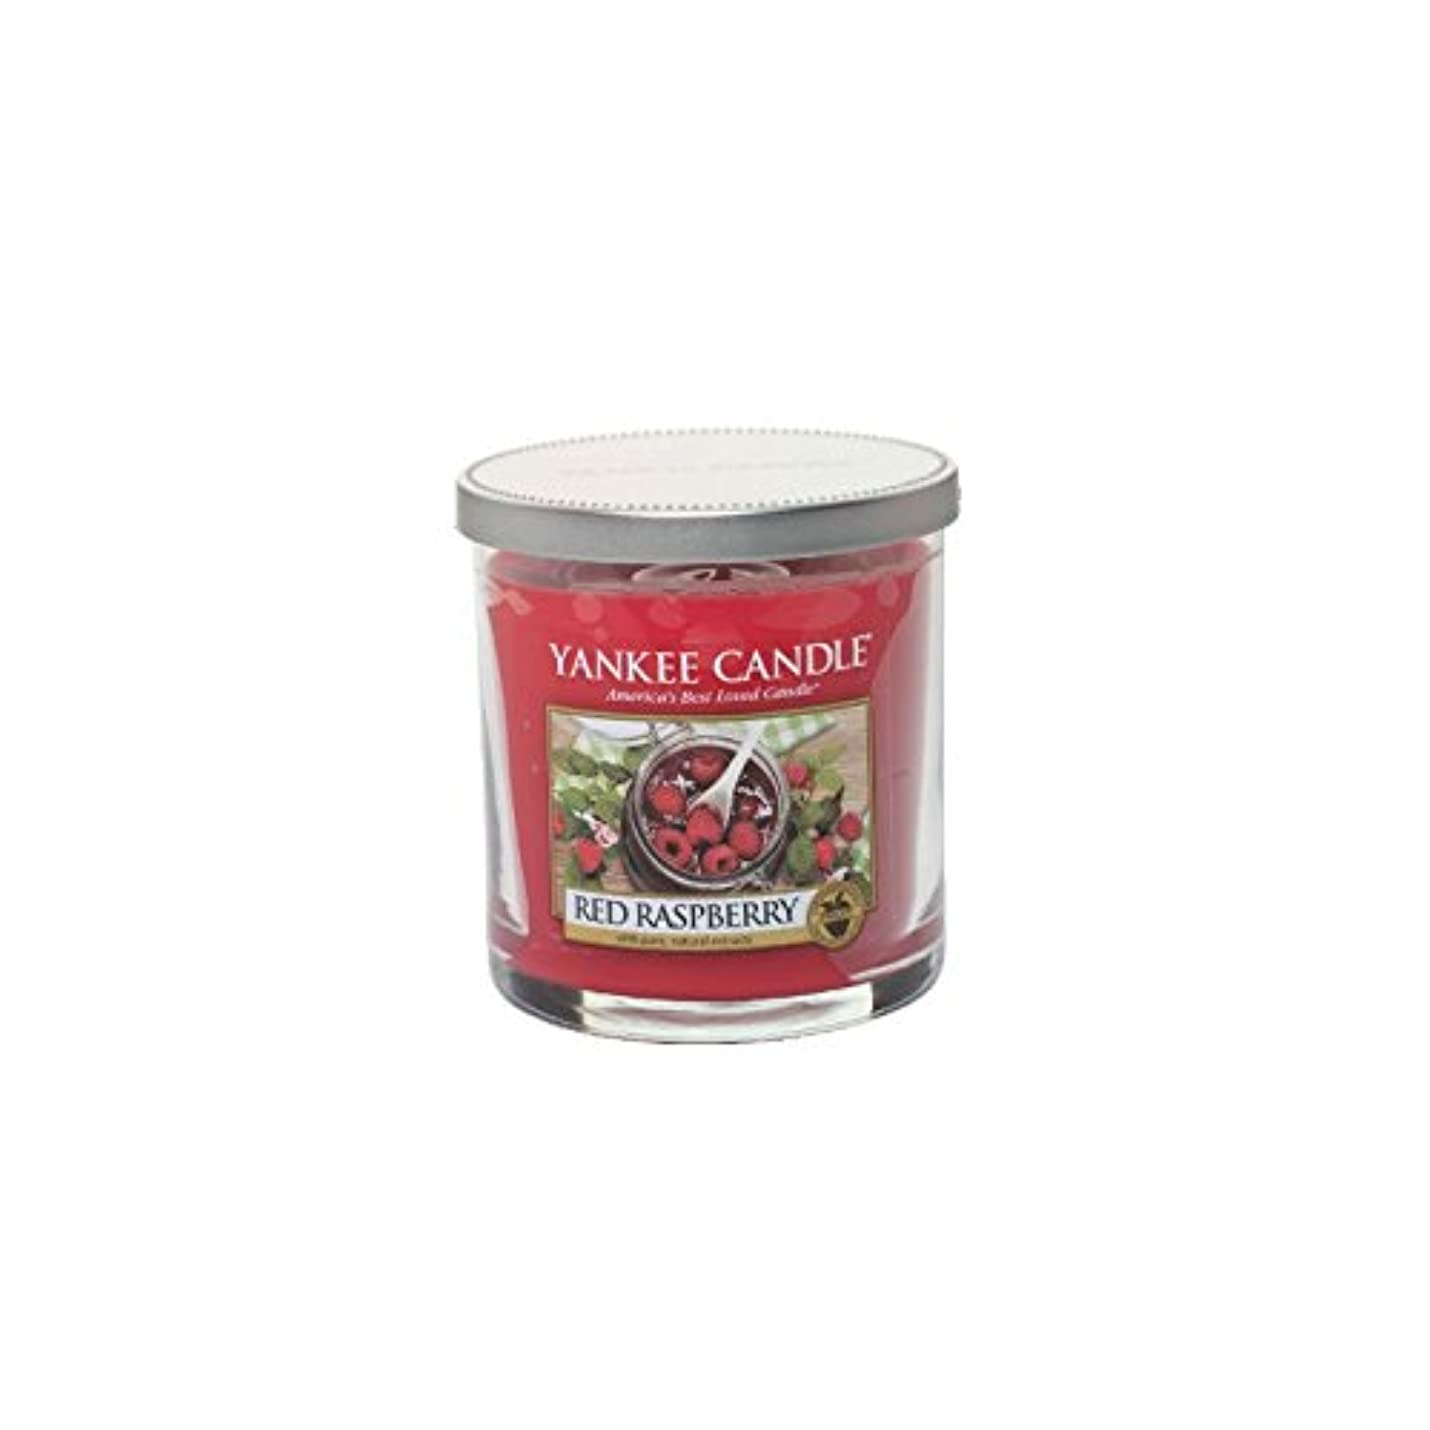 民主主義インスタント学部長ヤンキーキャンドルの小さな柱キャンドル - レッドラズベリー - Yankee Candles Small Pillar Candle - Red Raspberry (Yankee Candles) [並行輸入品]